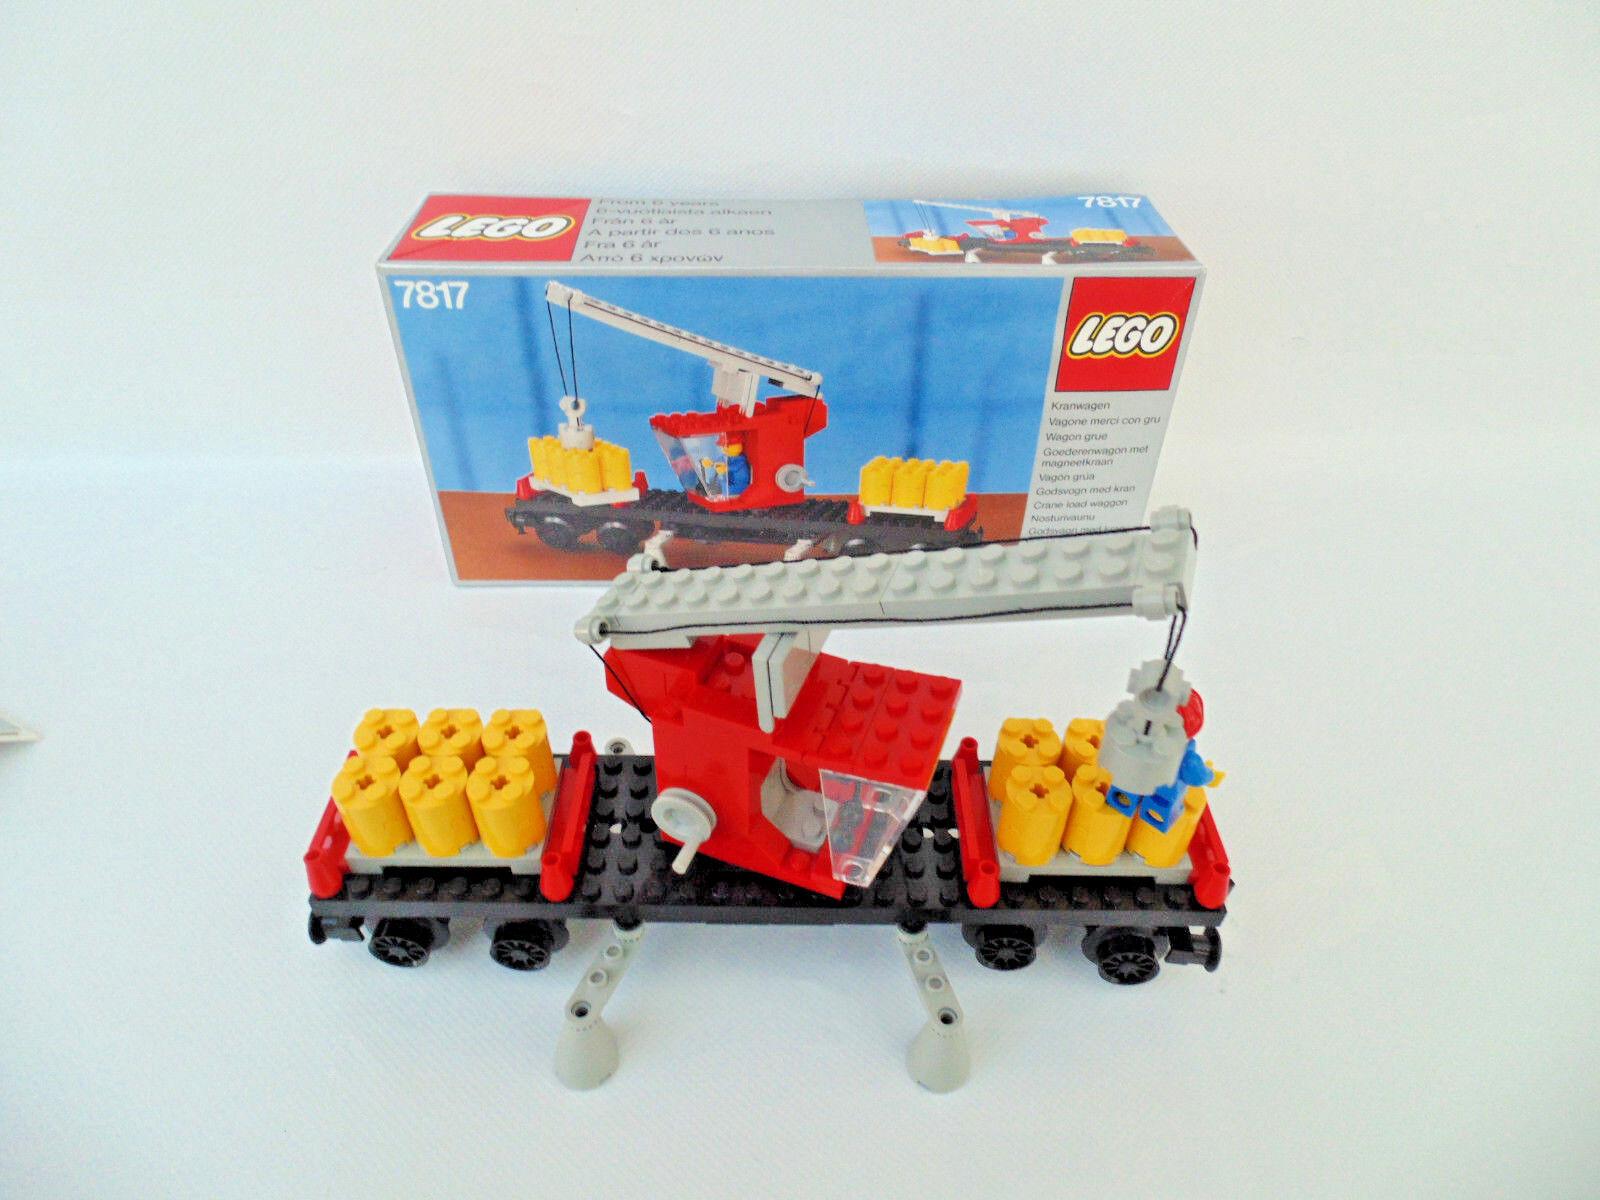 LEGO Ferrovia 12v 12 Volt, gru automobili, gru vagone  7817  con BA + OVP-Top